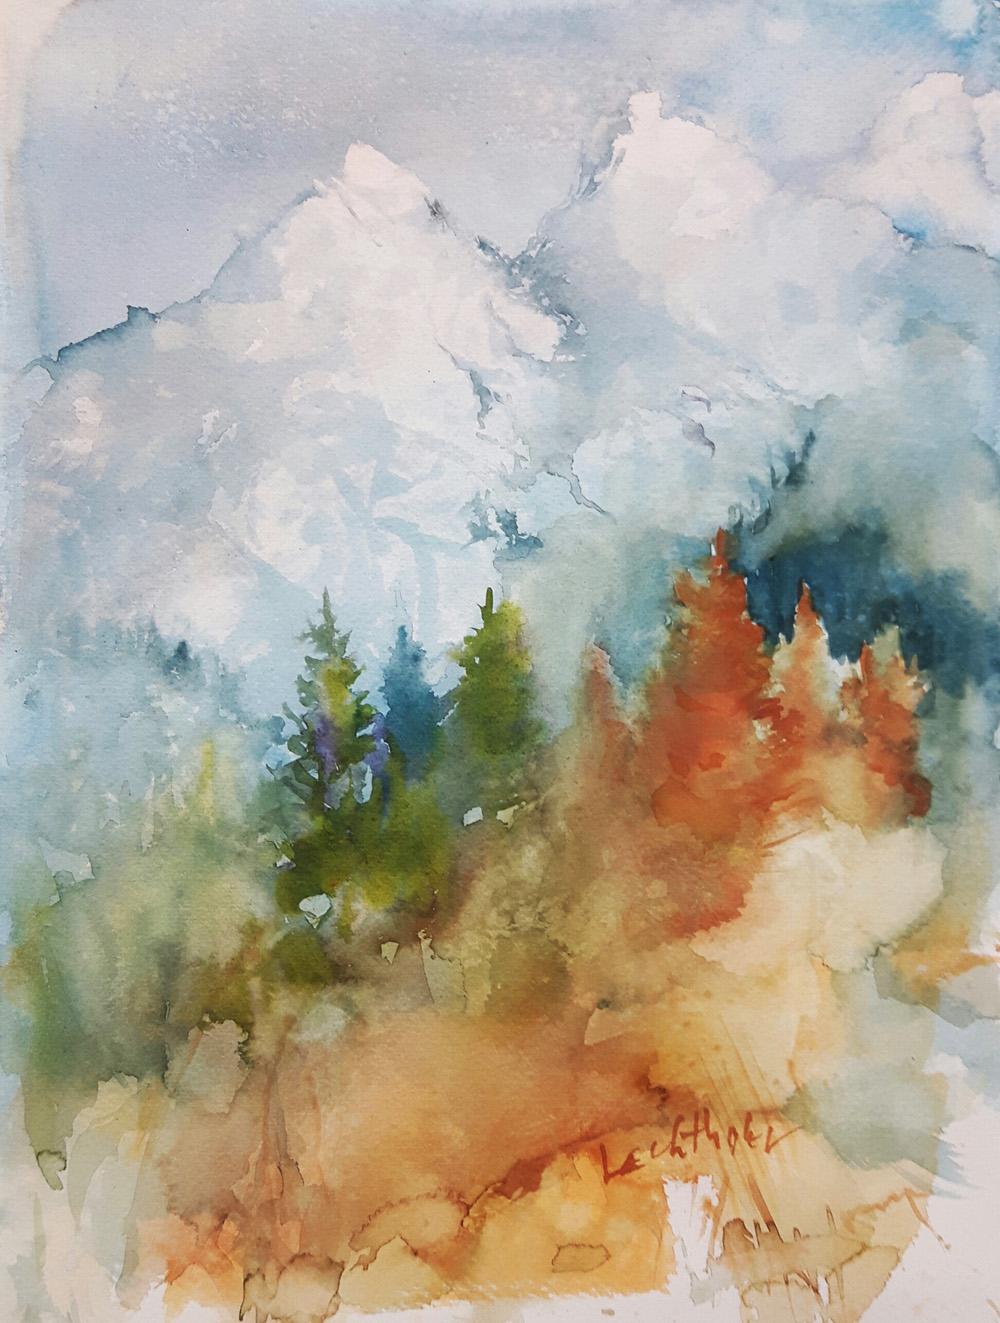 Gebirgswald, mountain, forest